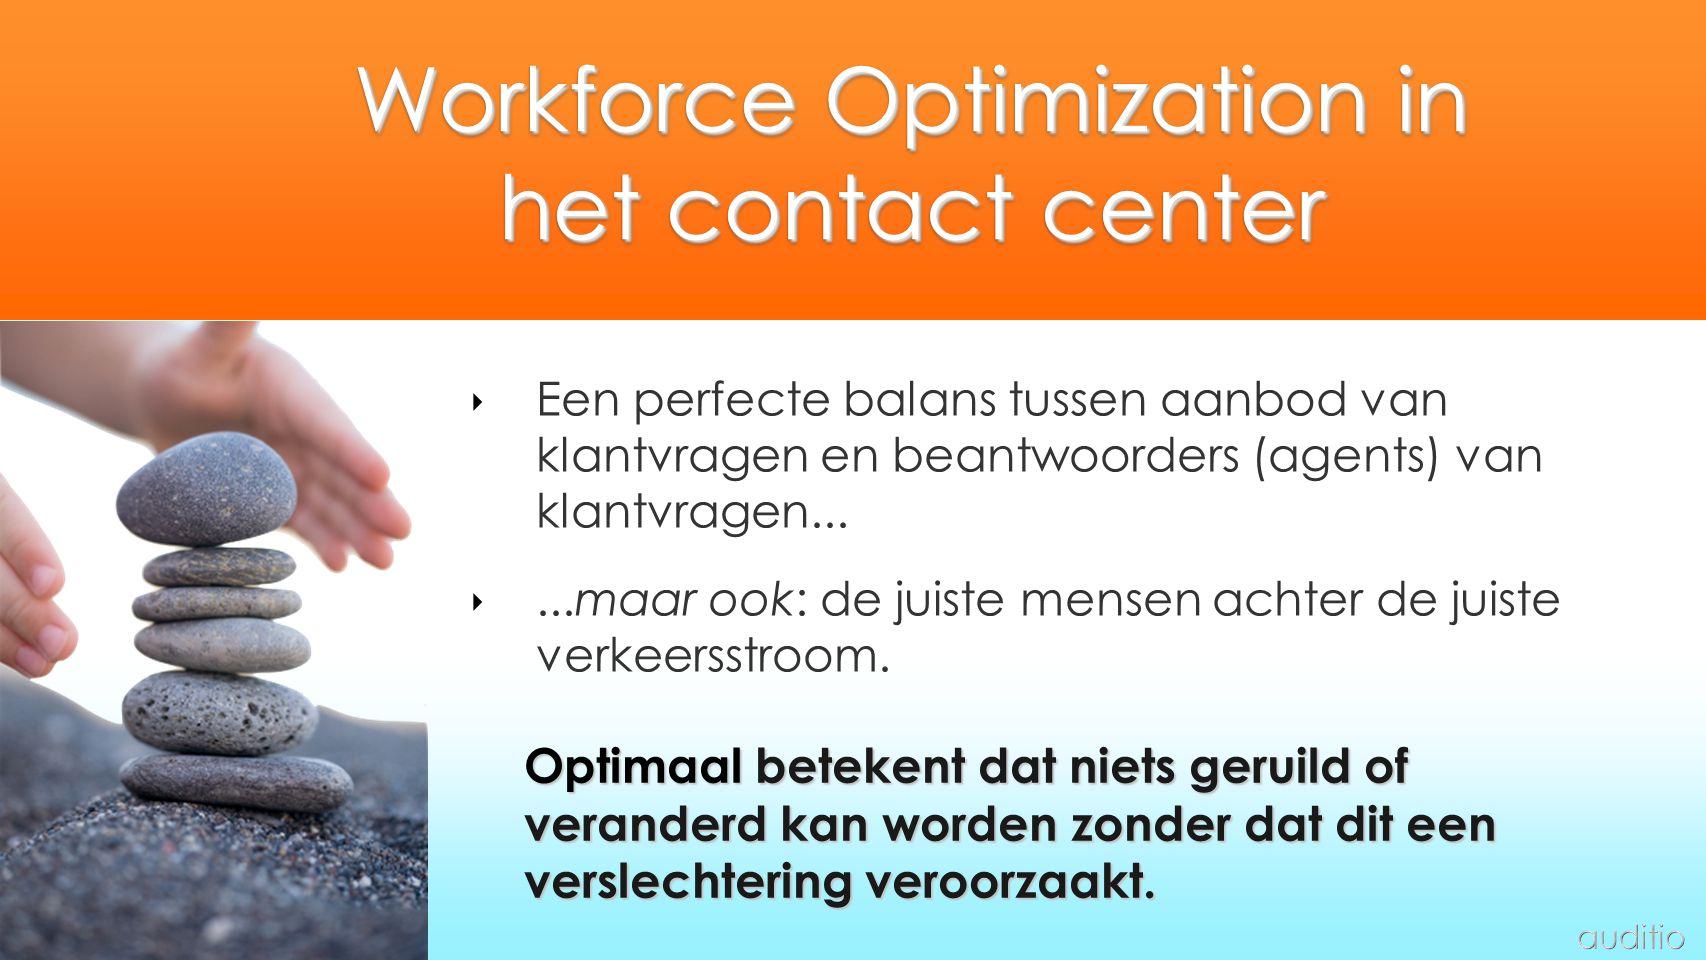 Workforce Optimization in het contact center ‣ Een perfecte balans tussen aanbod van klantvragen en beantwoorders (agents) van klantvragen...